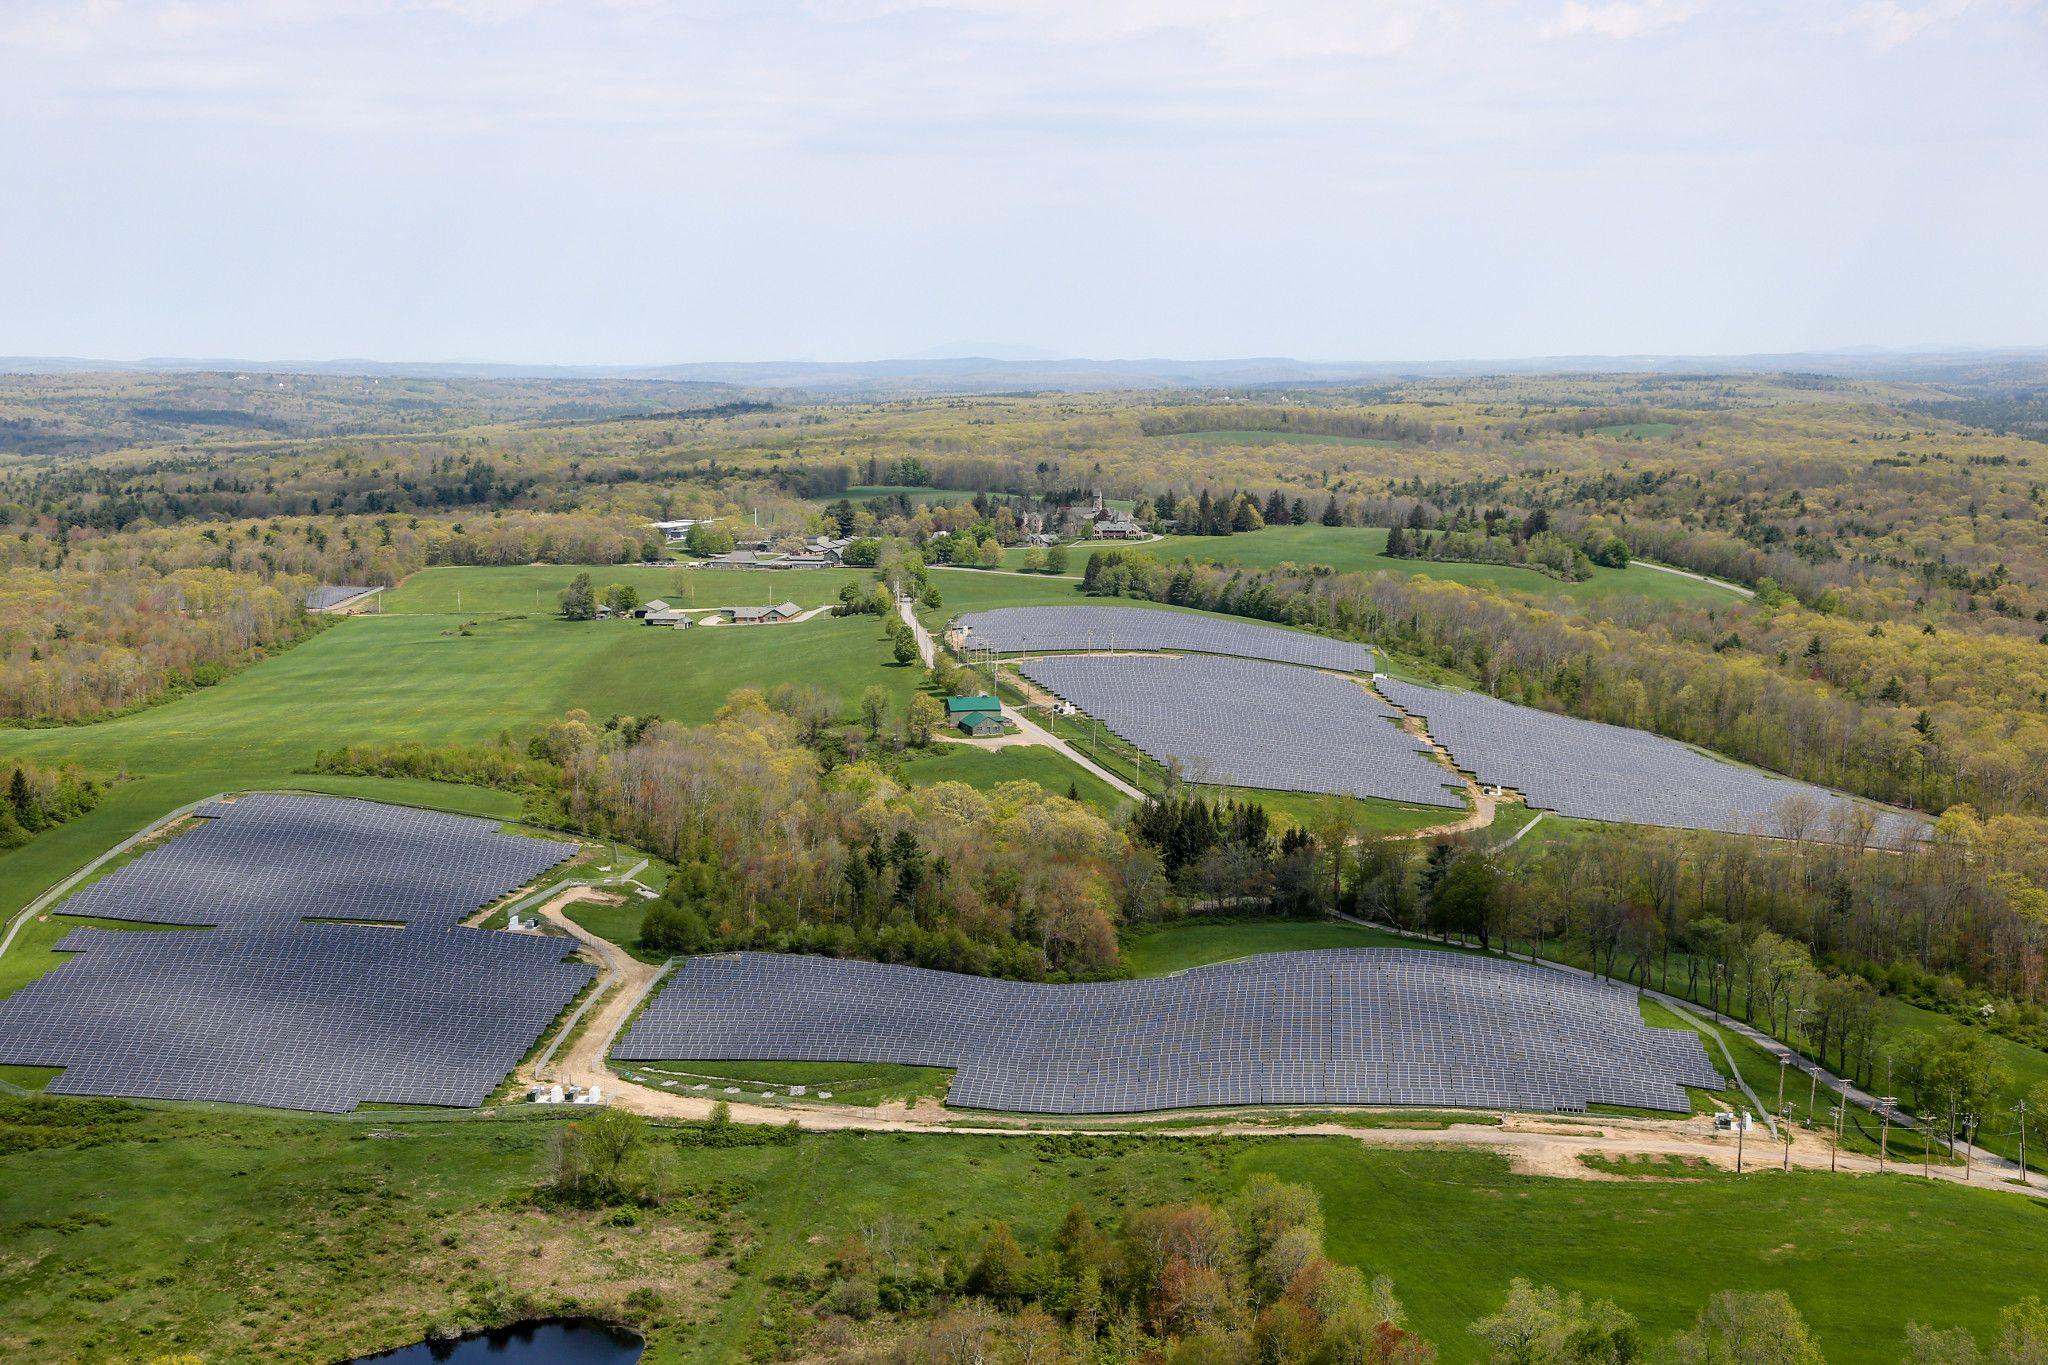 St. Joseph's Abbey Solar Farm